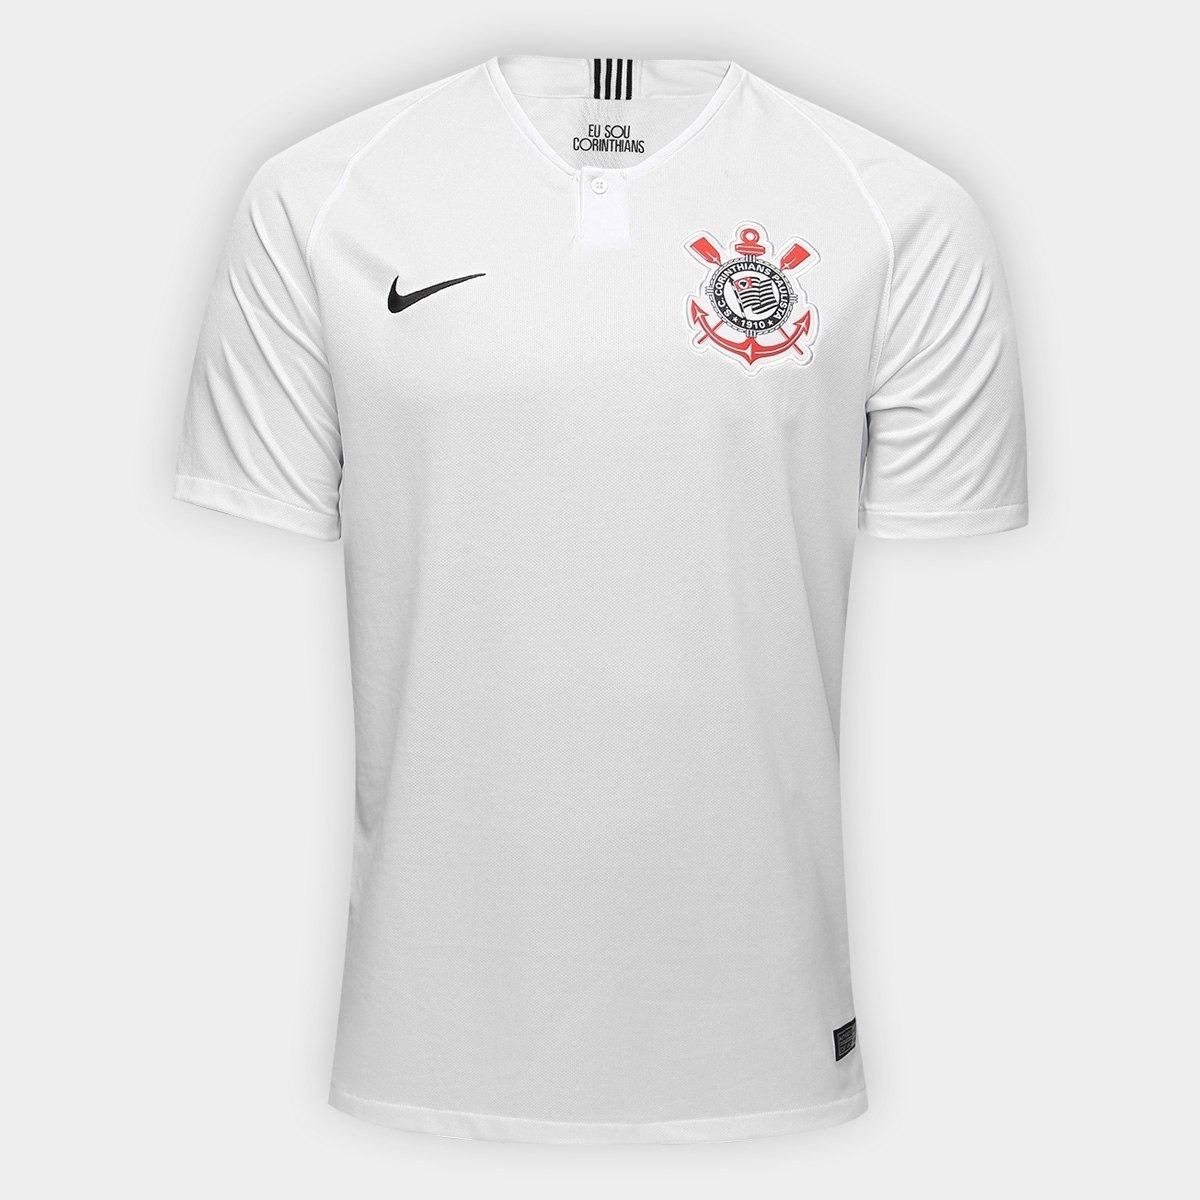 Camisa Corinthians I 18 19 S n° Torcedor Nike Masculina - R  150 f090b341ba377